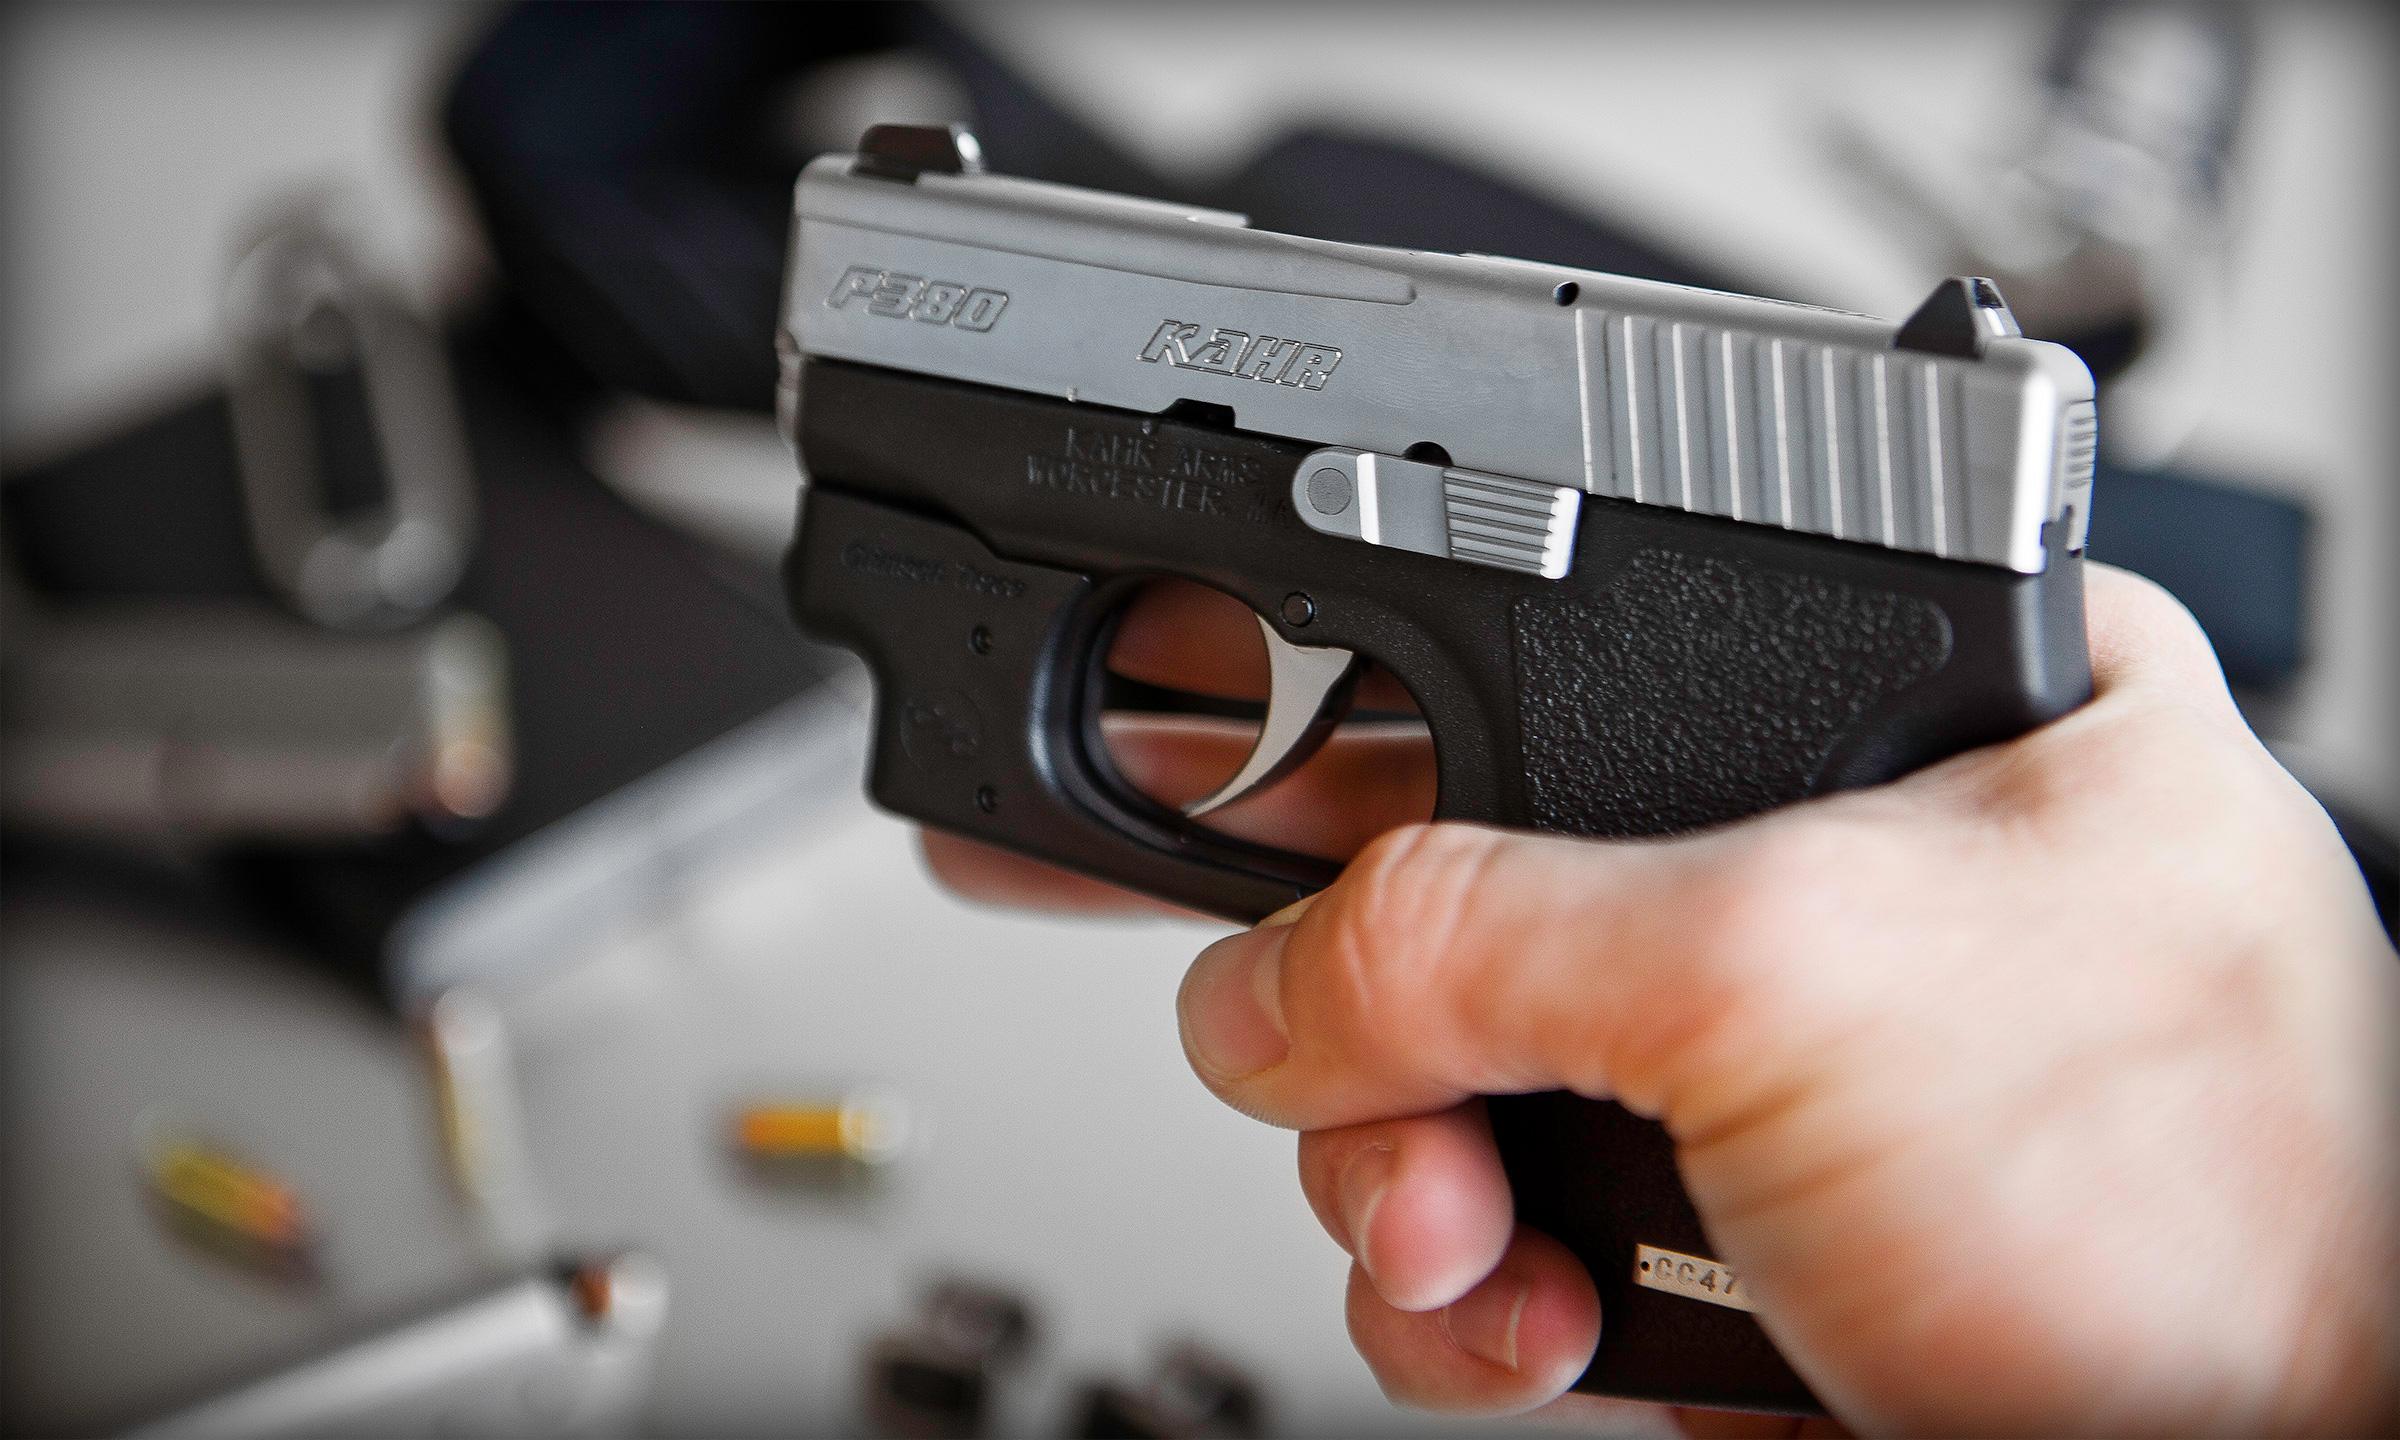 Kahr P380 Compact Pistol